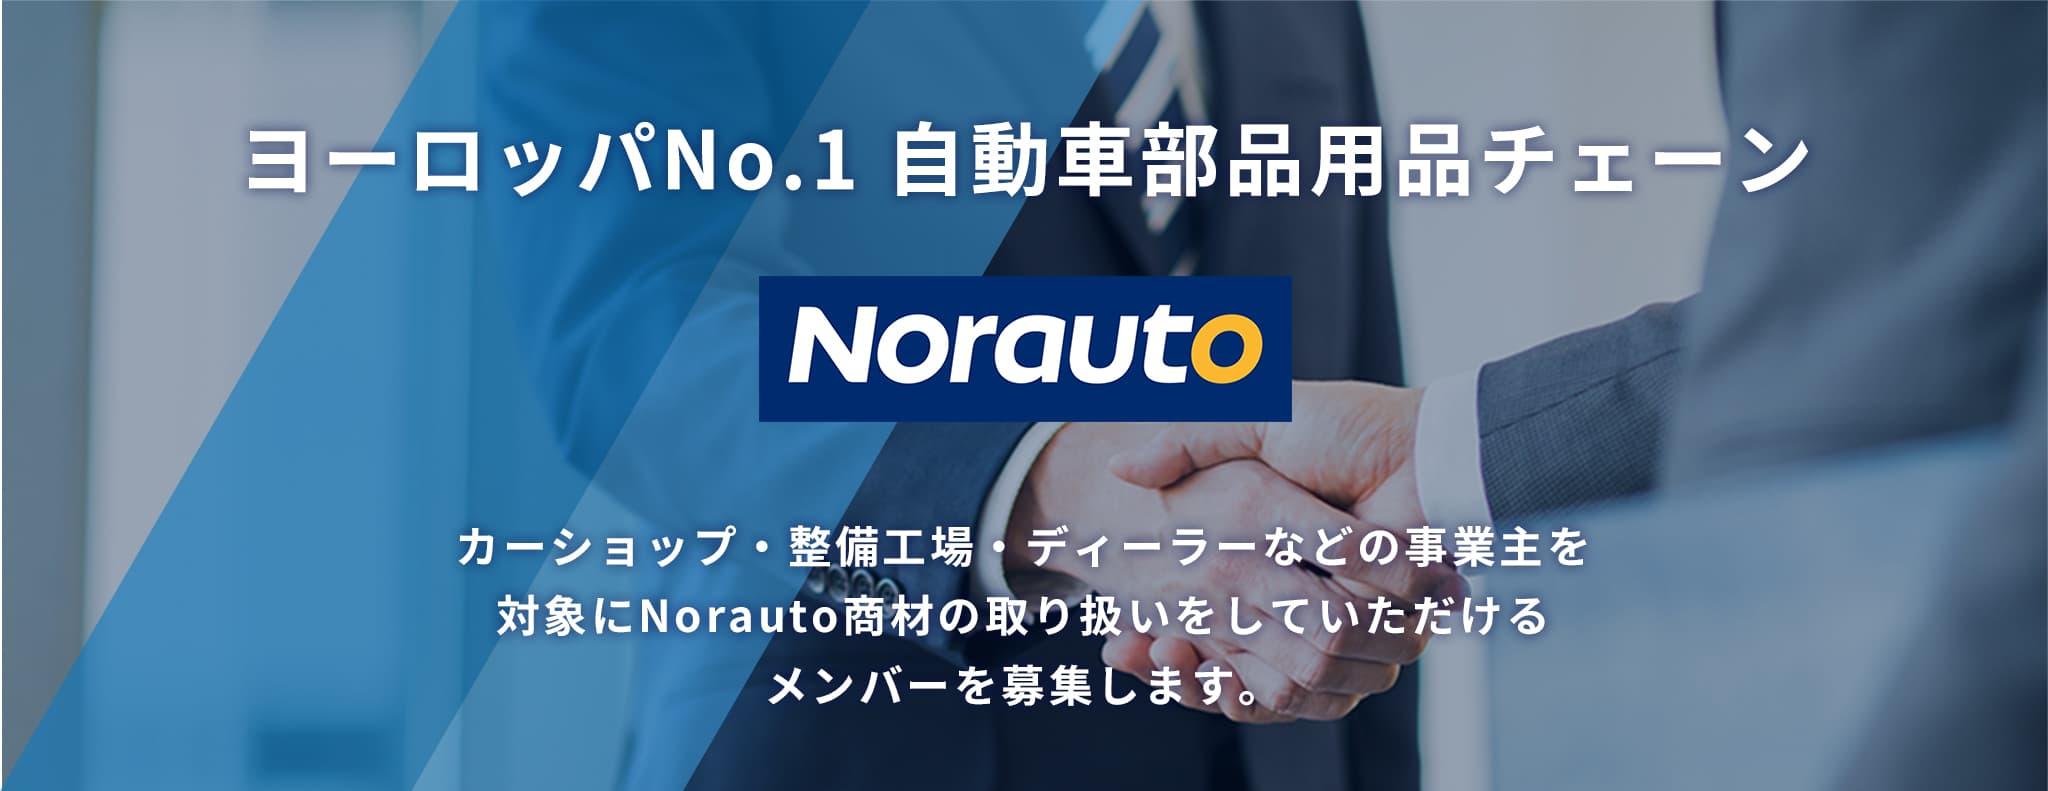 ヨーロッパNo.1自動車部品用品チェーン